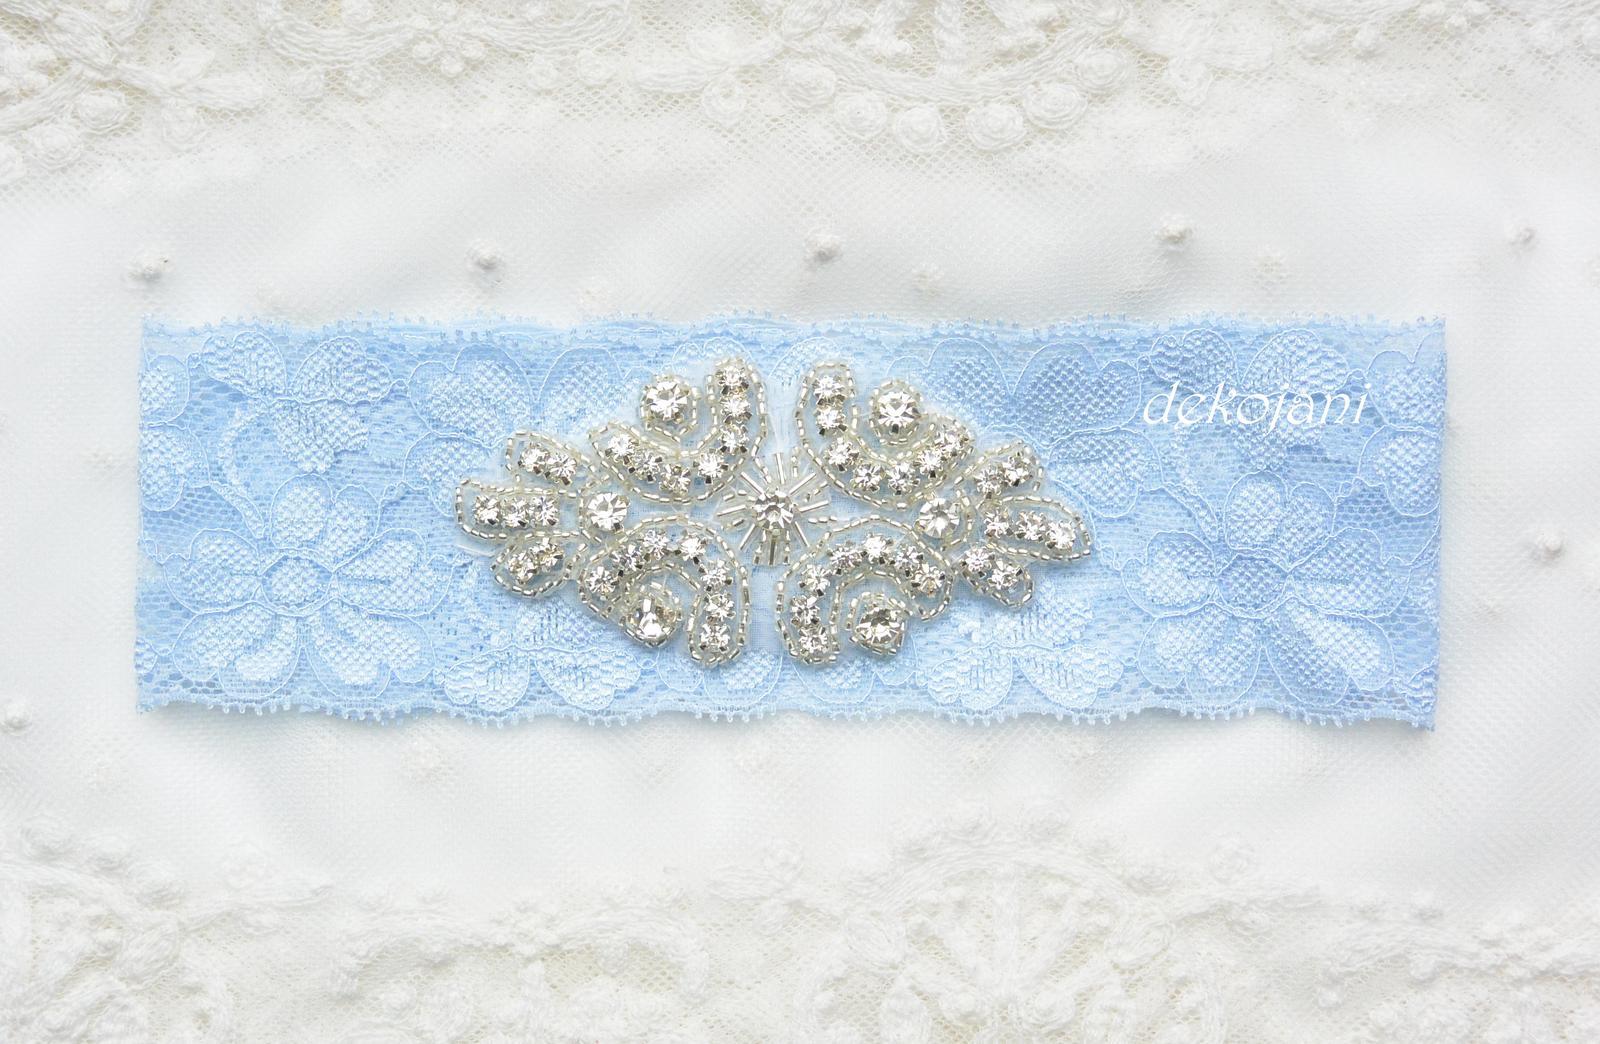 aguagulka - Obrázek č. 94